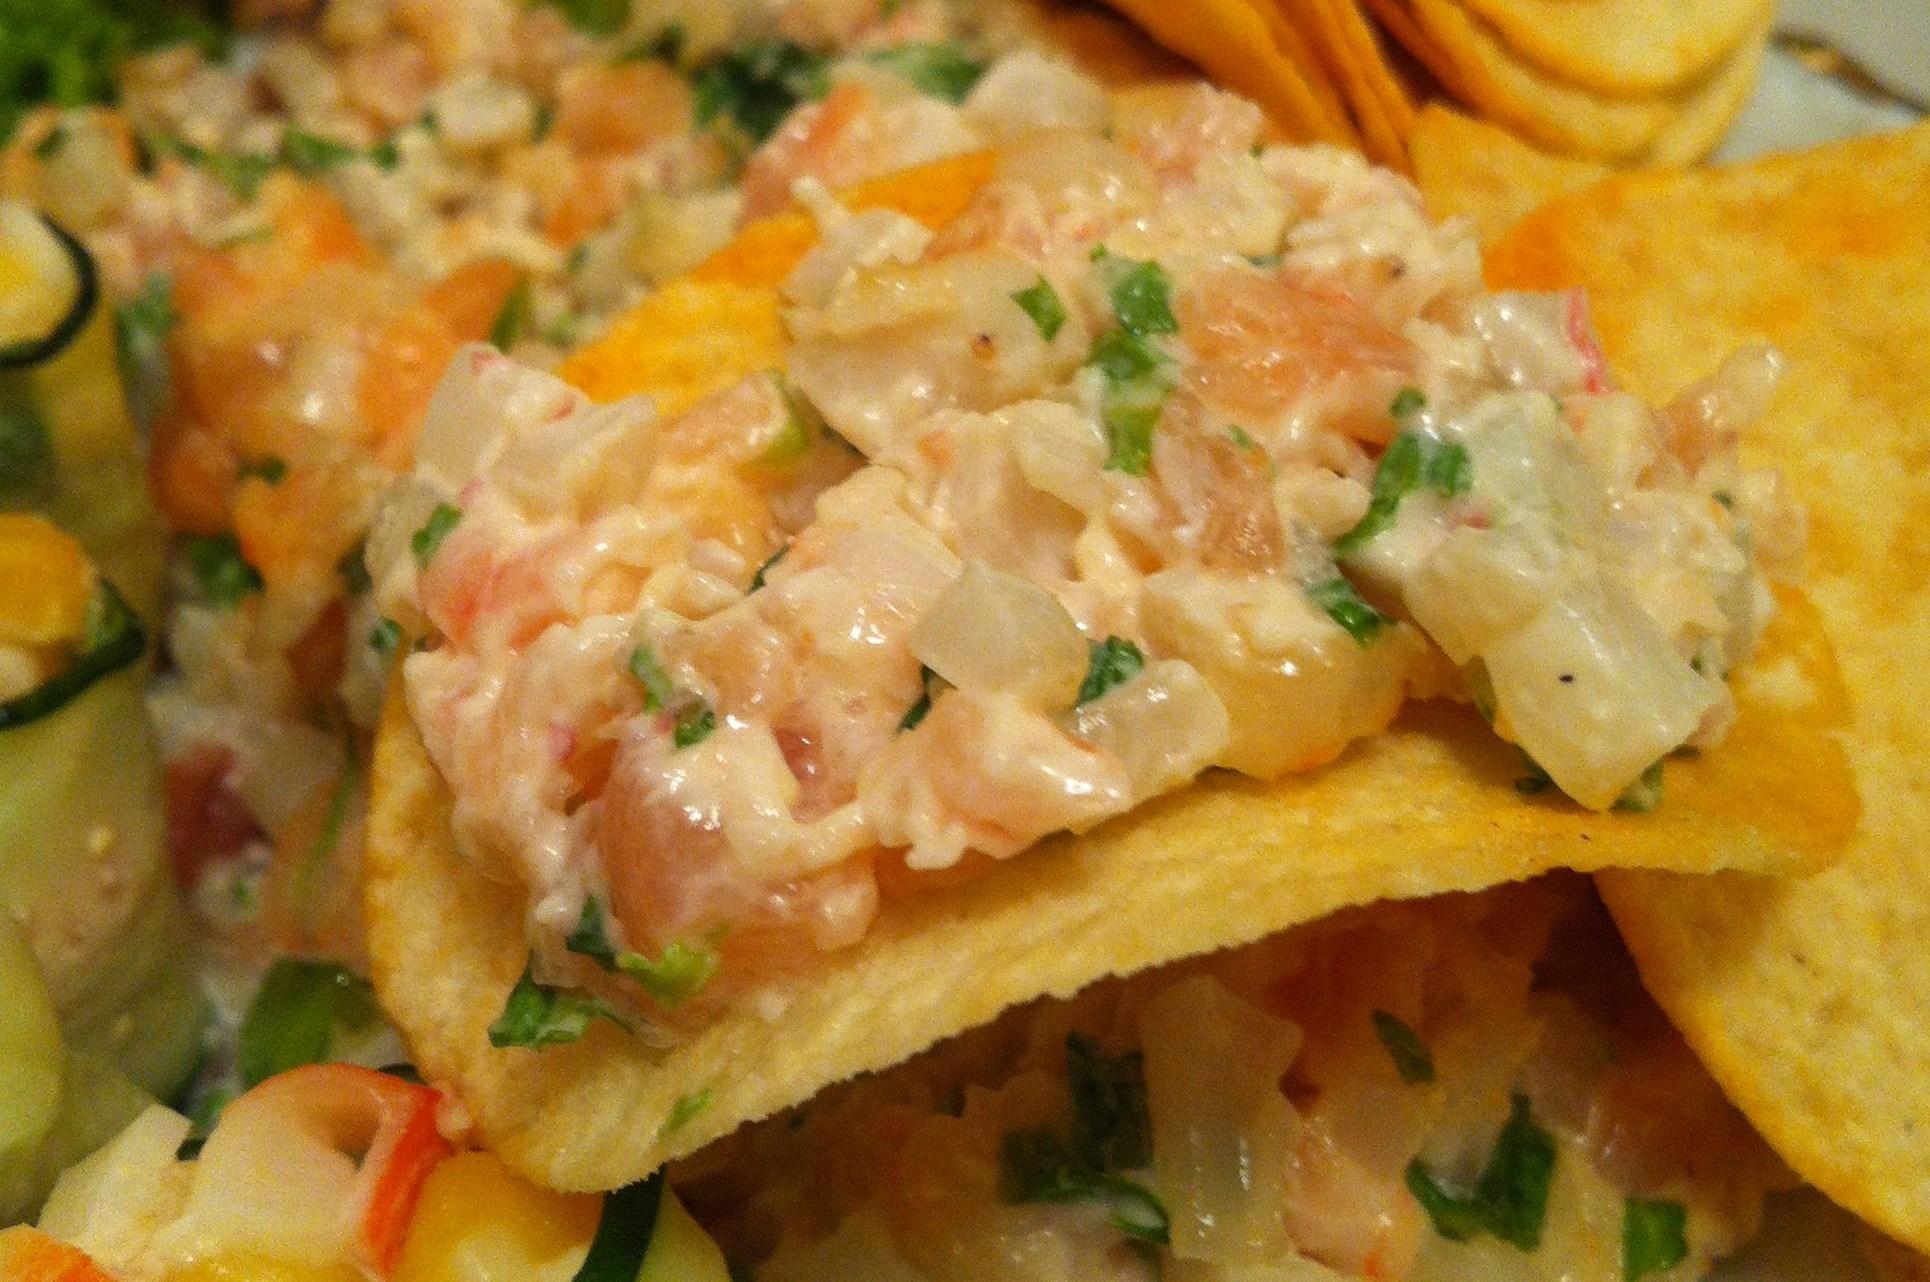 салат с креветками и чипсами рецепт